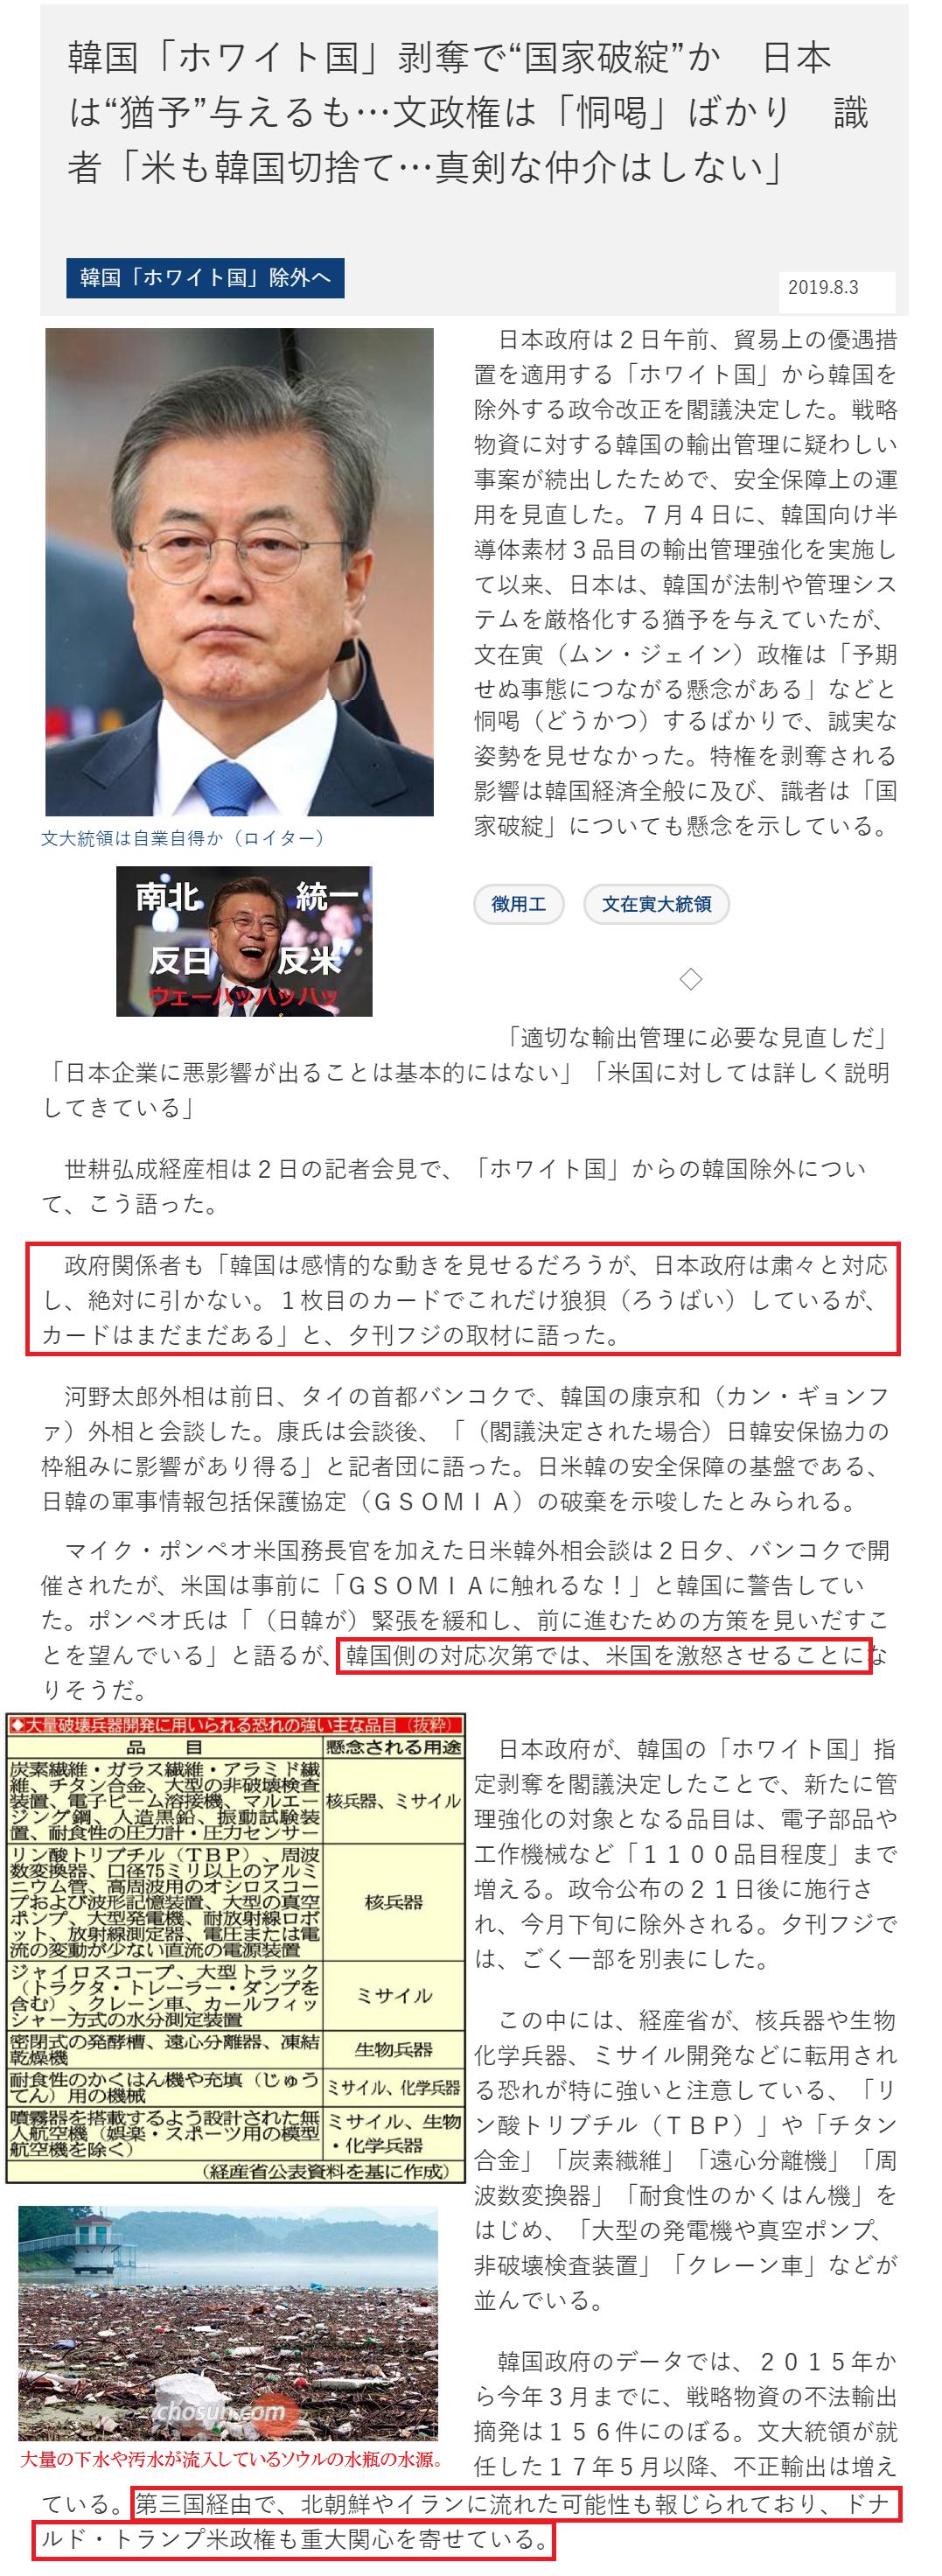 下朝鮮の経済と生活破壊に勤しむブンザイ寅1